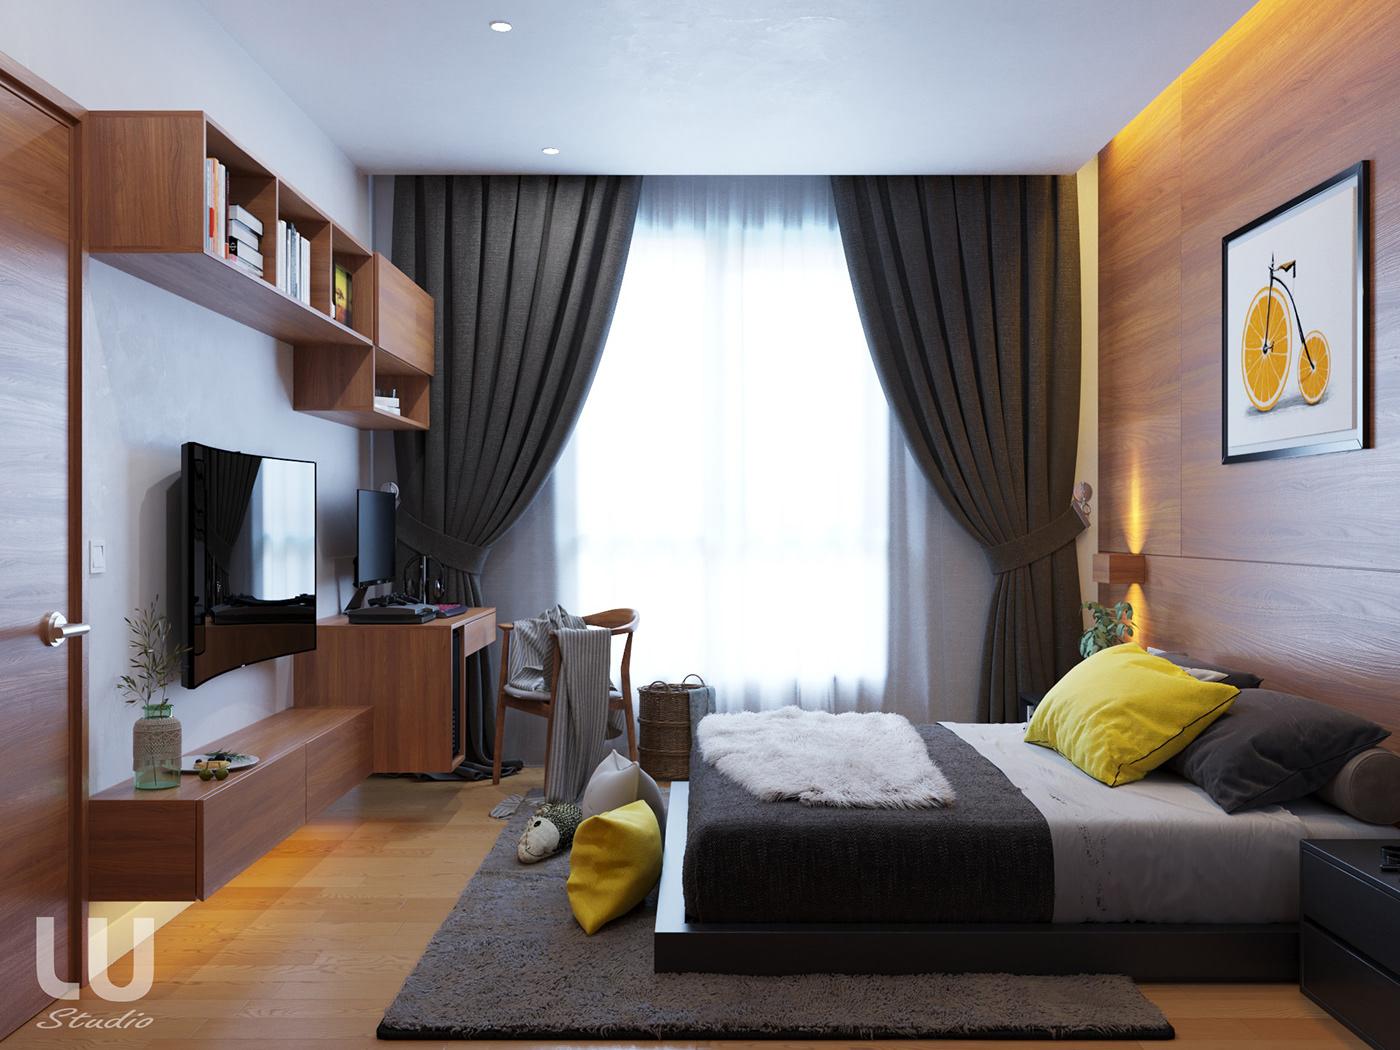 thiết kế nội thất chung cư tại Hà Nội Căn Hộ Season Avennue Phong Cách Hiện Đại - HN 2 1533263011